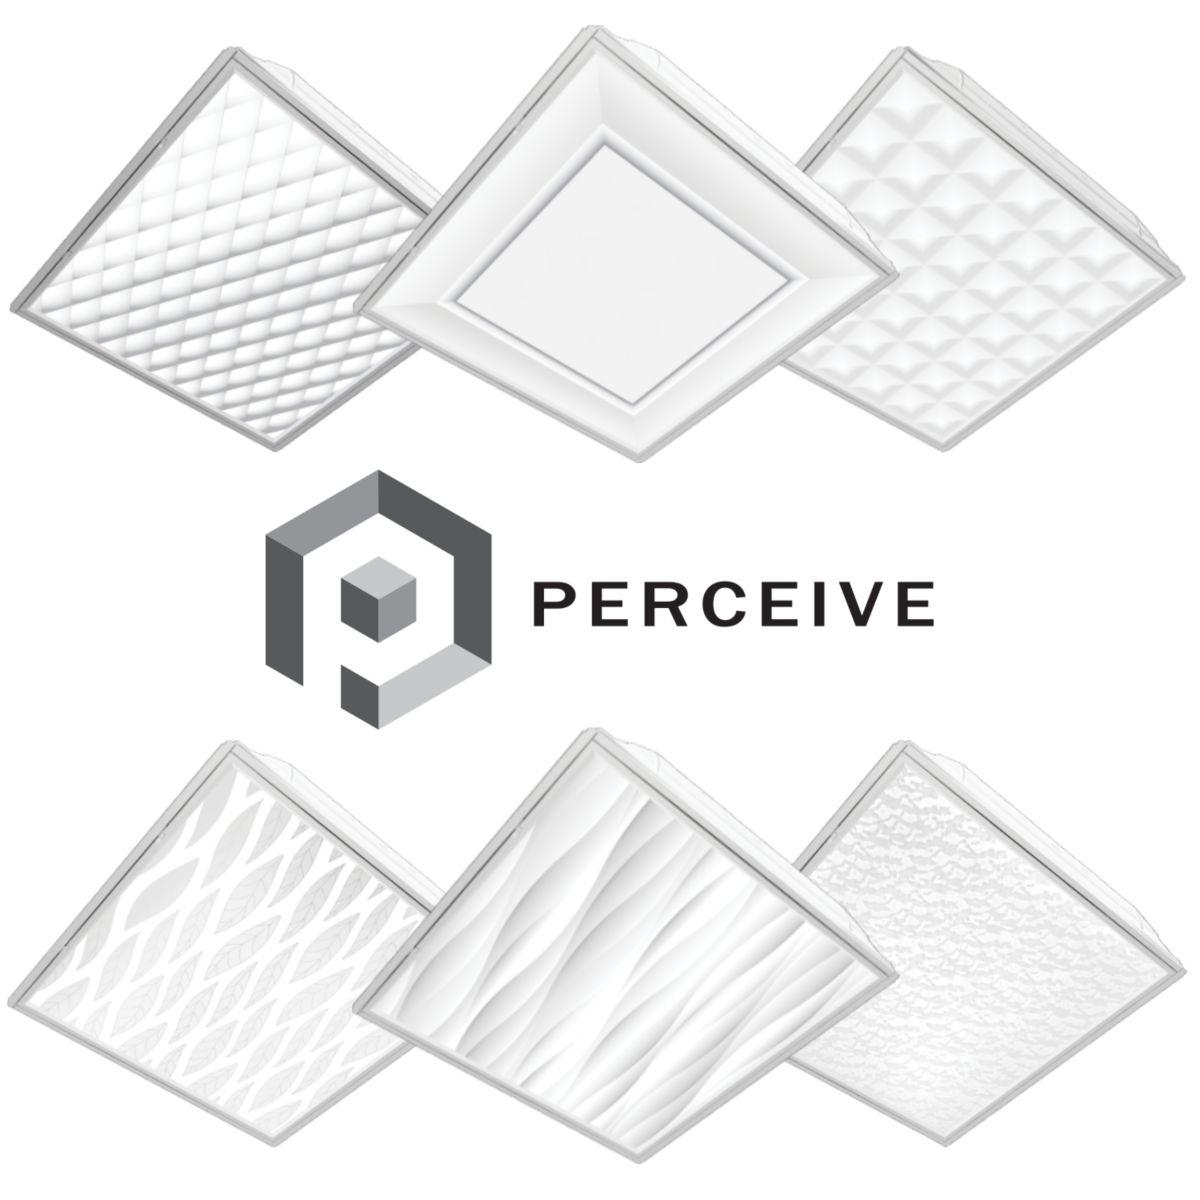 Perceive